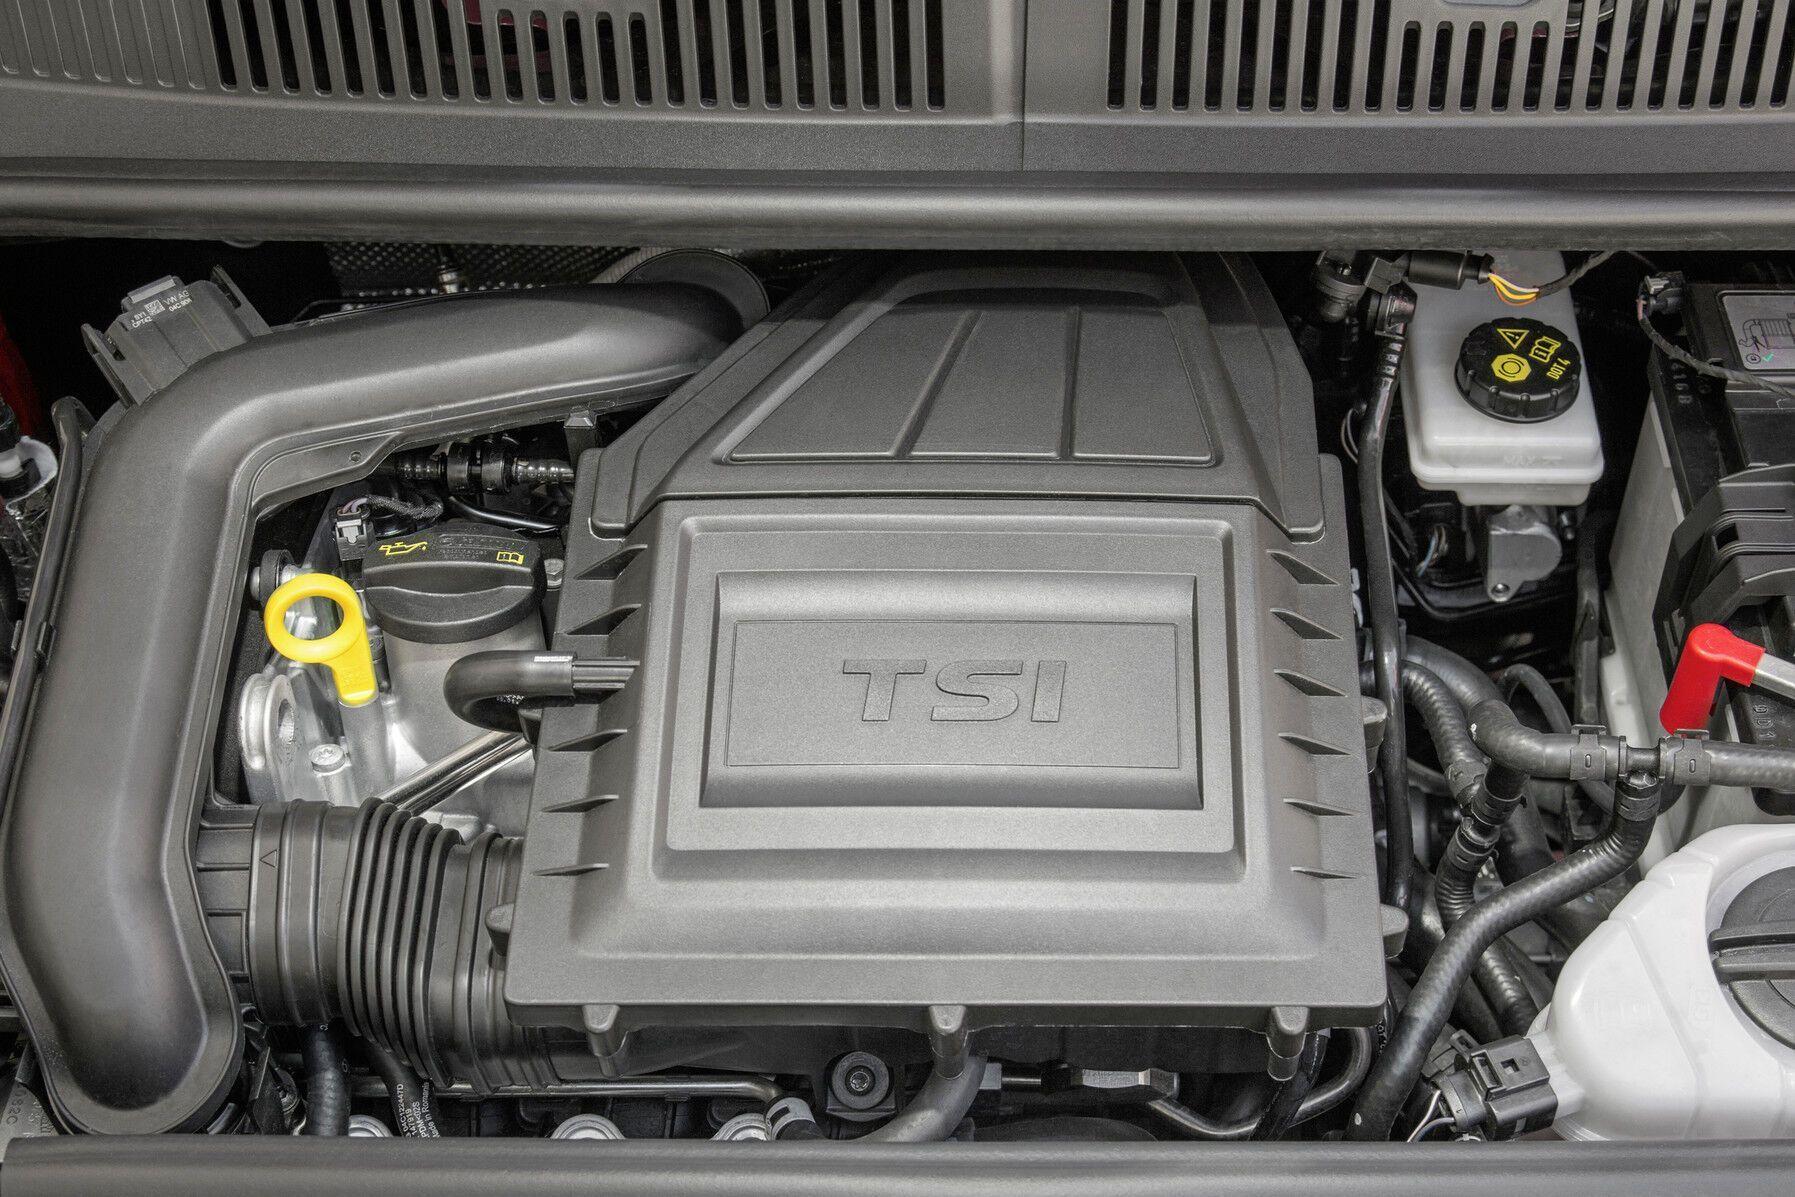 Новое поколение бензиновых моторов TSI evo объемом от 1 до 1,5 л будут доступны для широкой гаммы моделей концерна